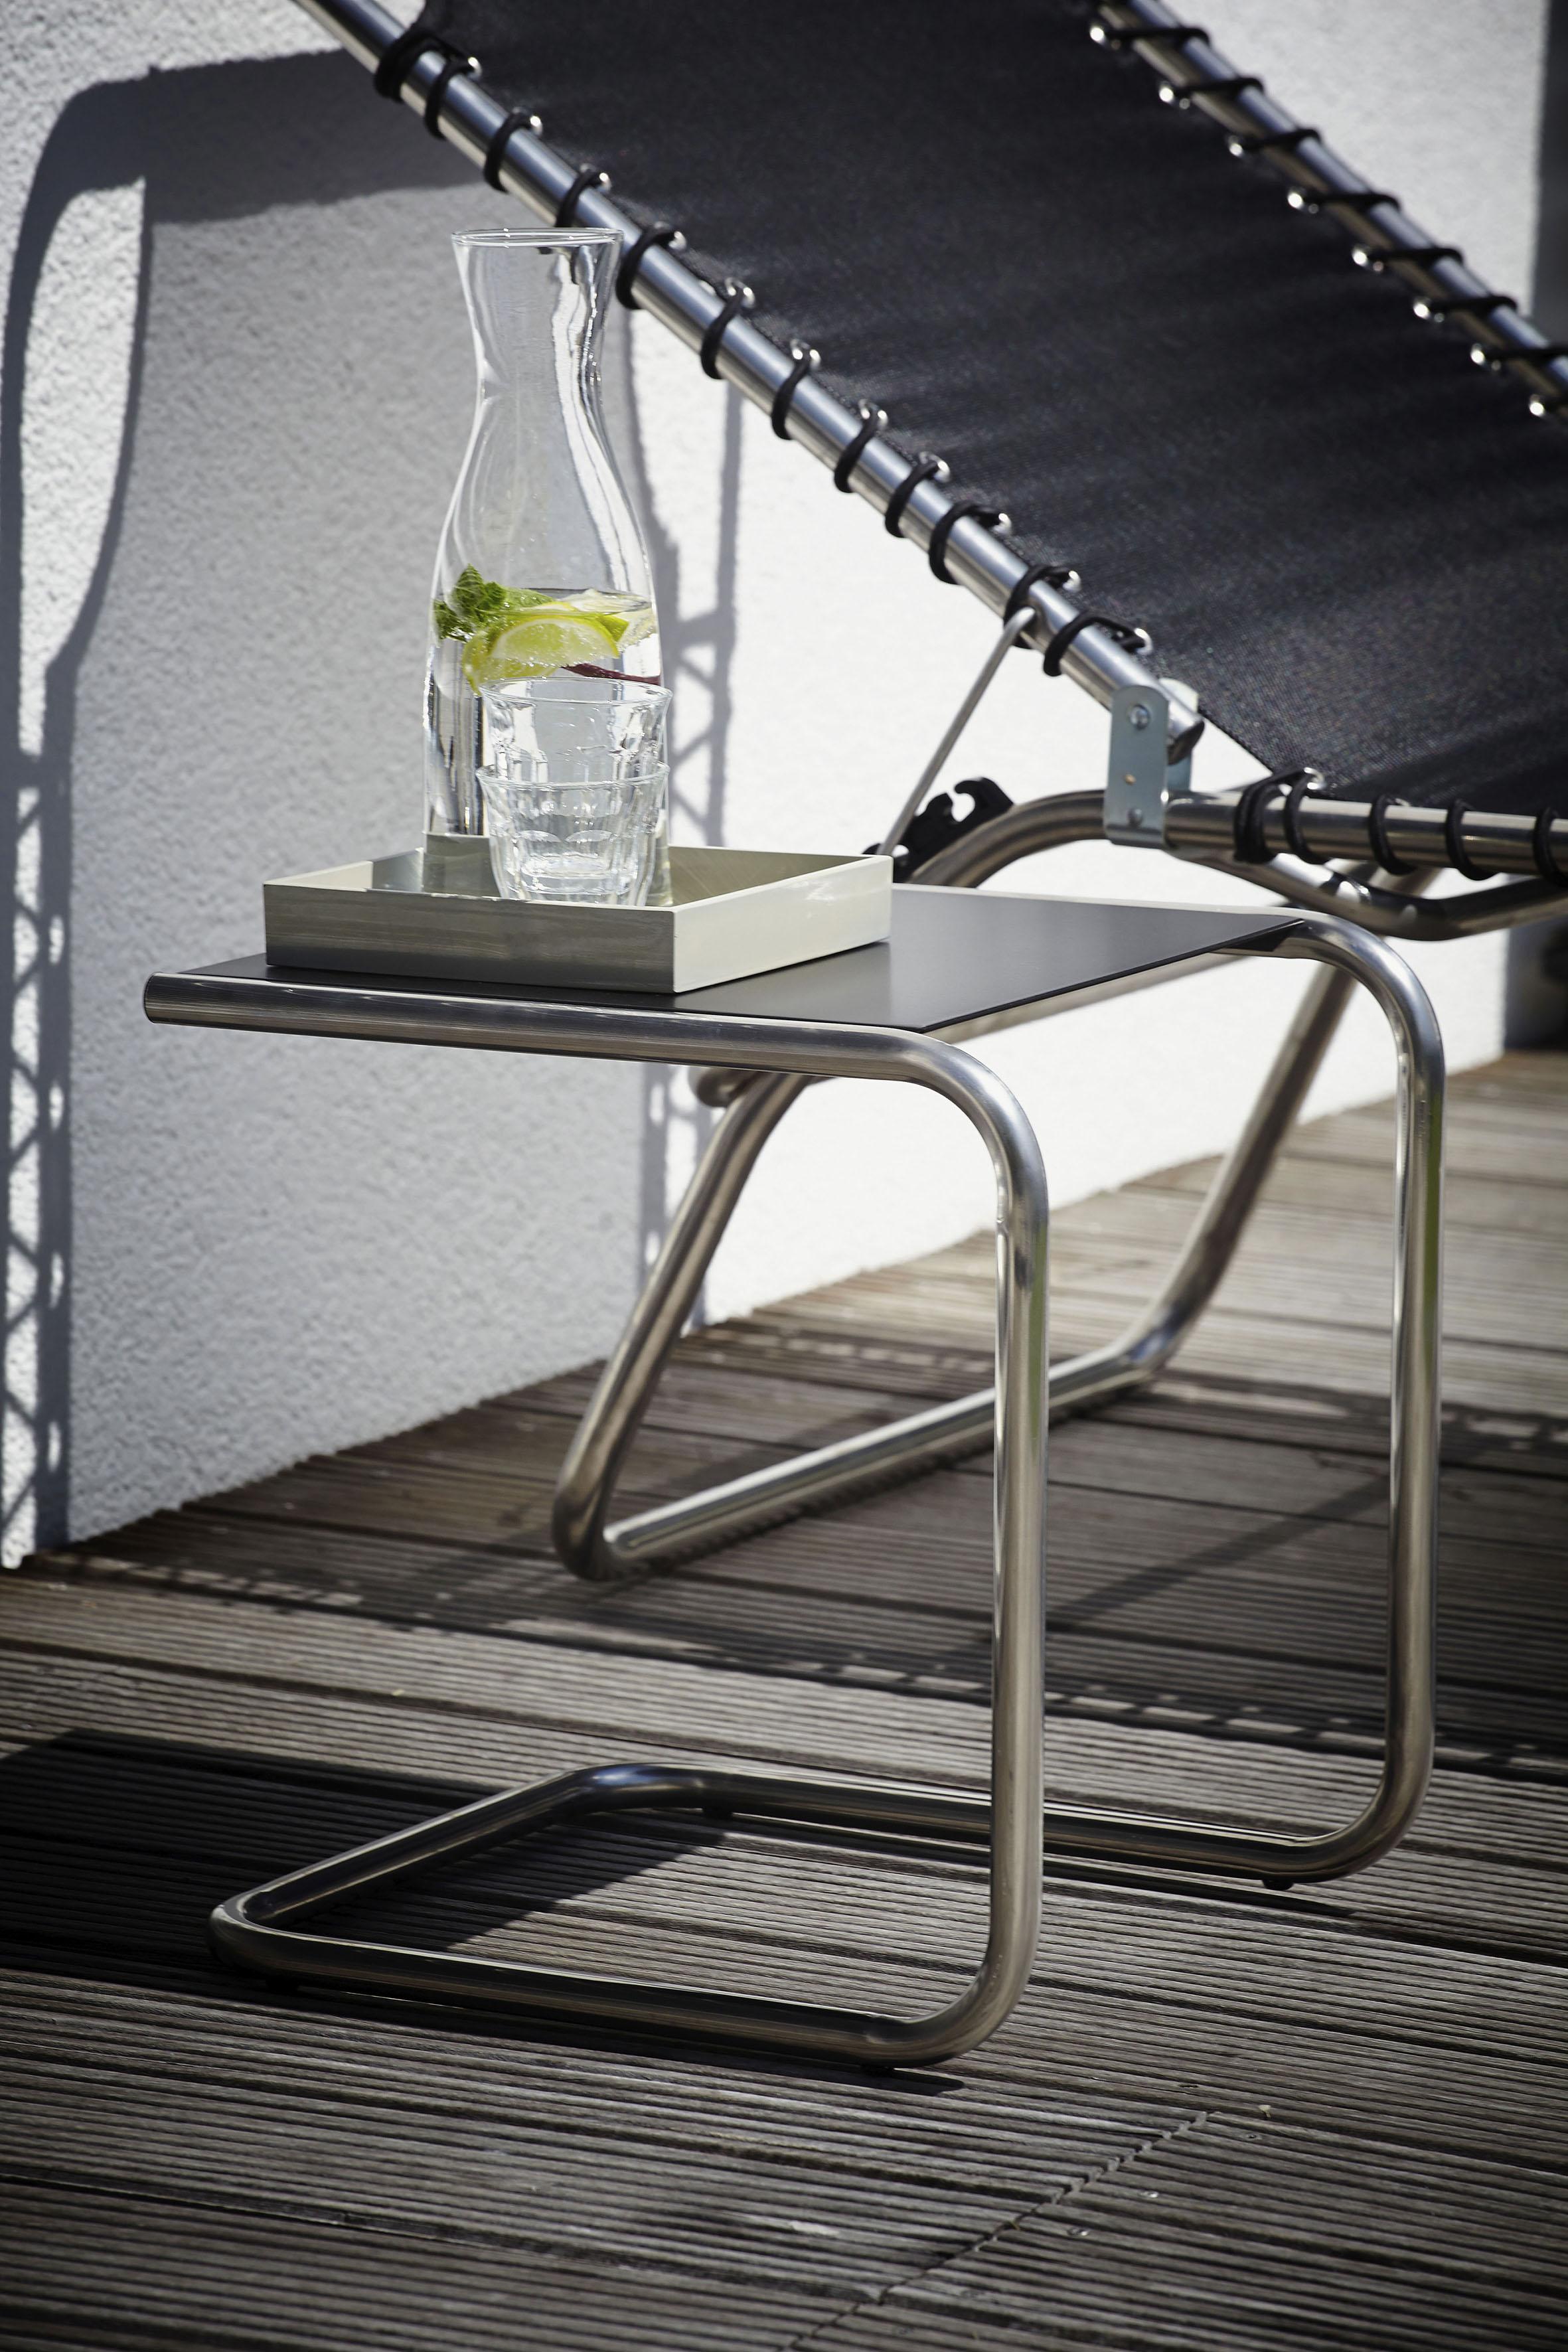 jankurtz Beistelltisch fiam club, in liegender U-Form schwarz Beistelltische Tische